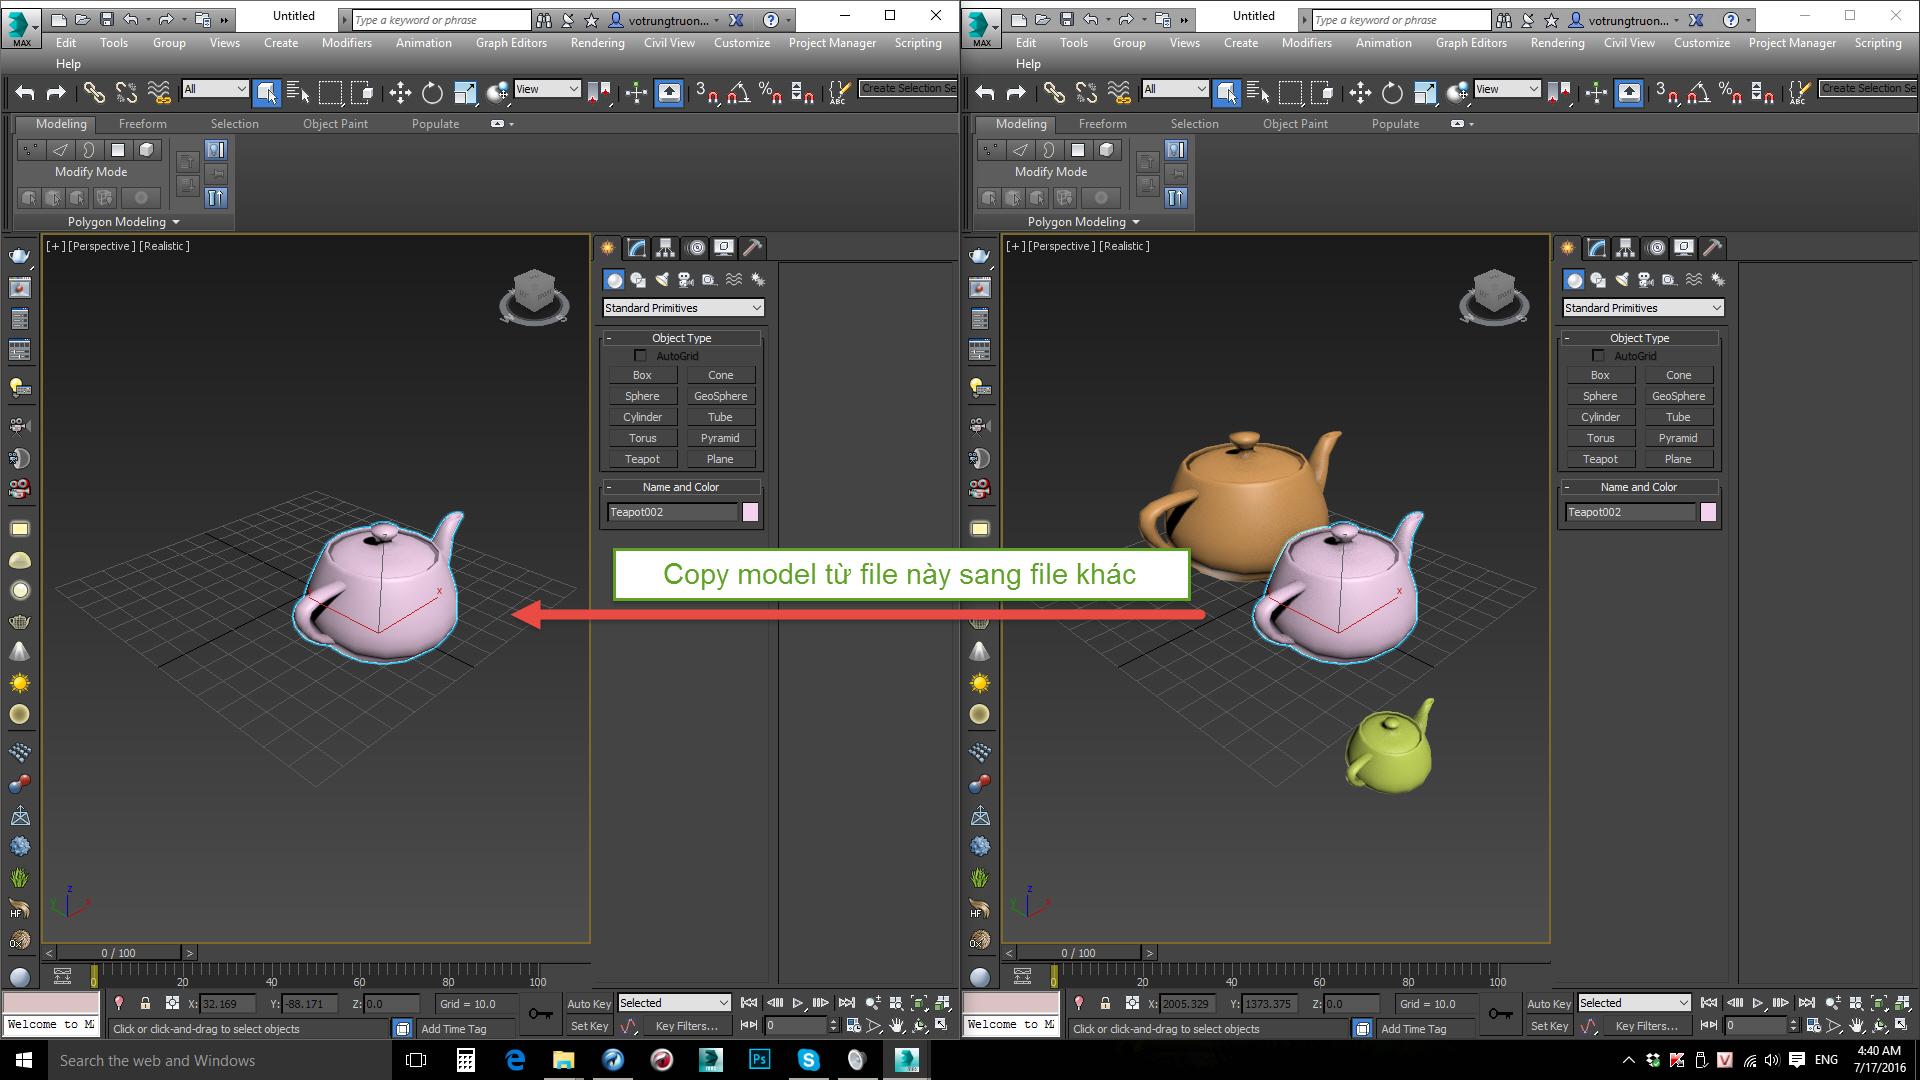 Hướng dẫn cách copy và paste trong 3Ds Max